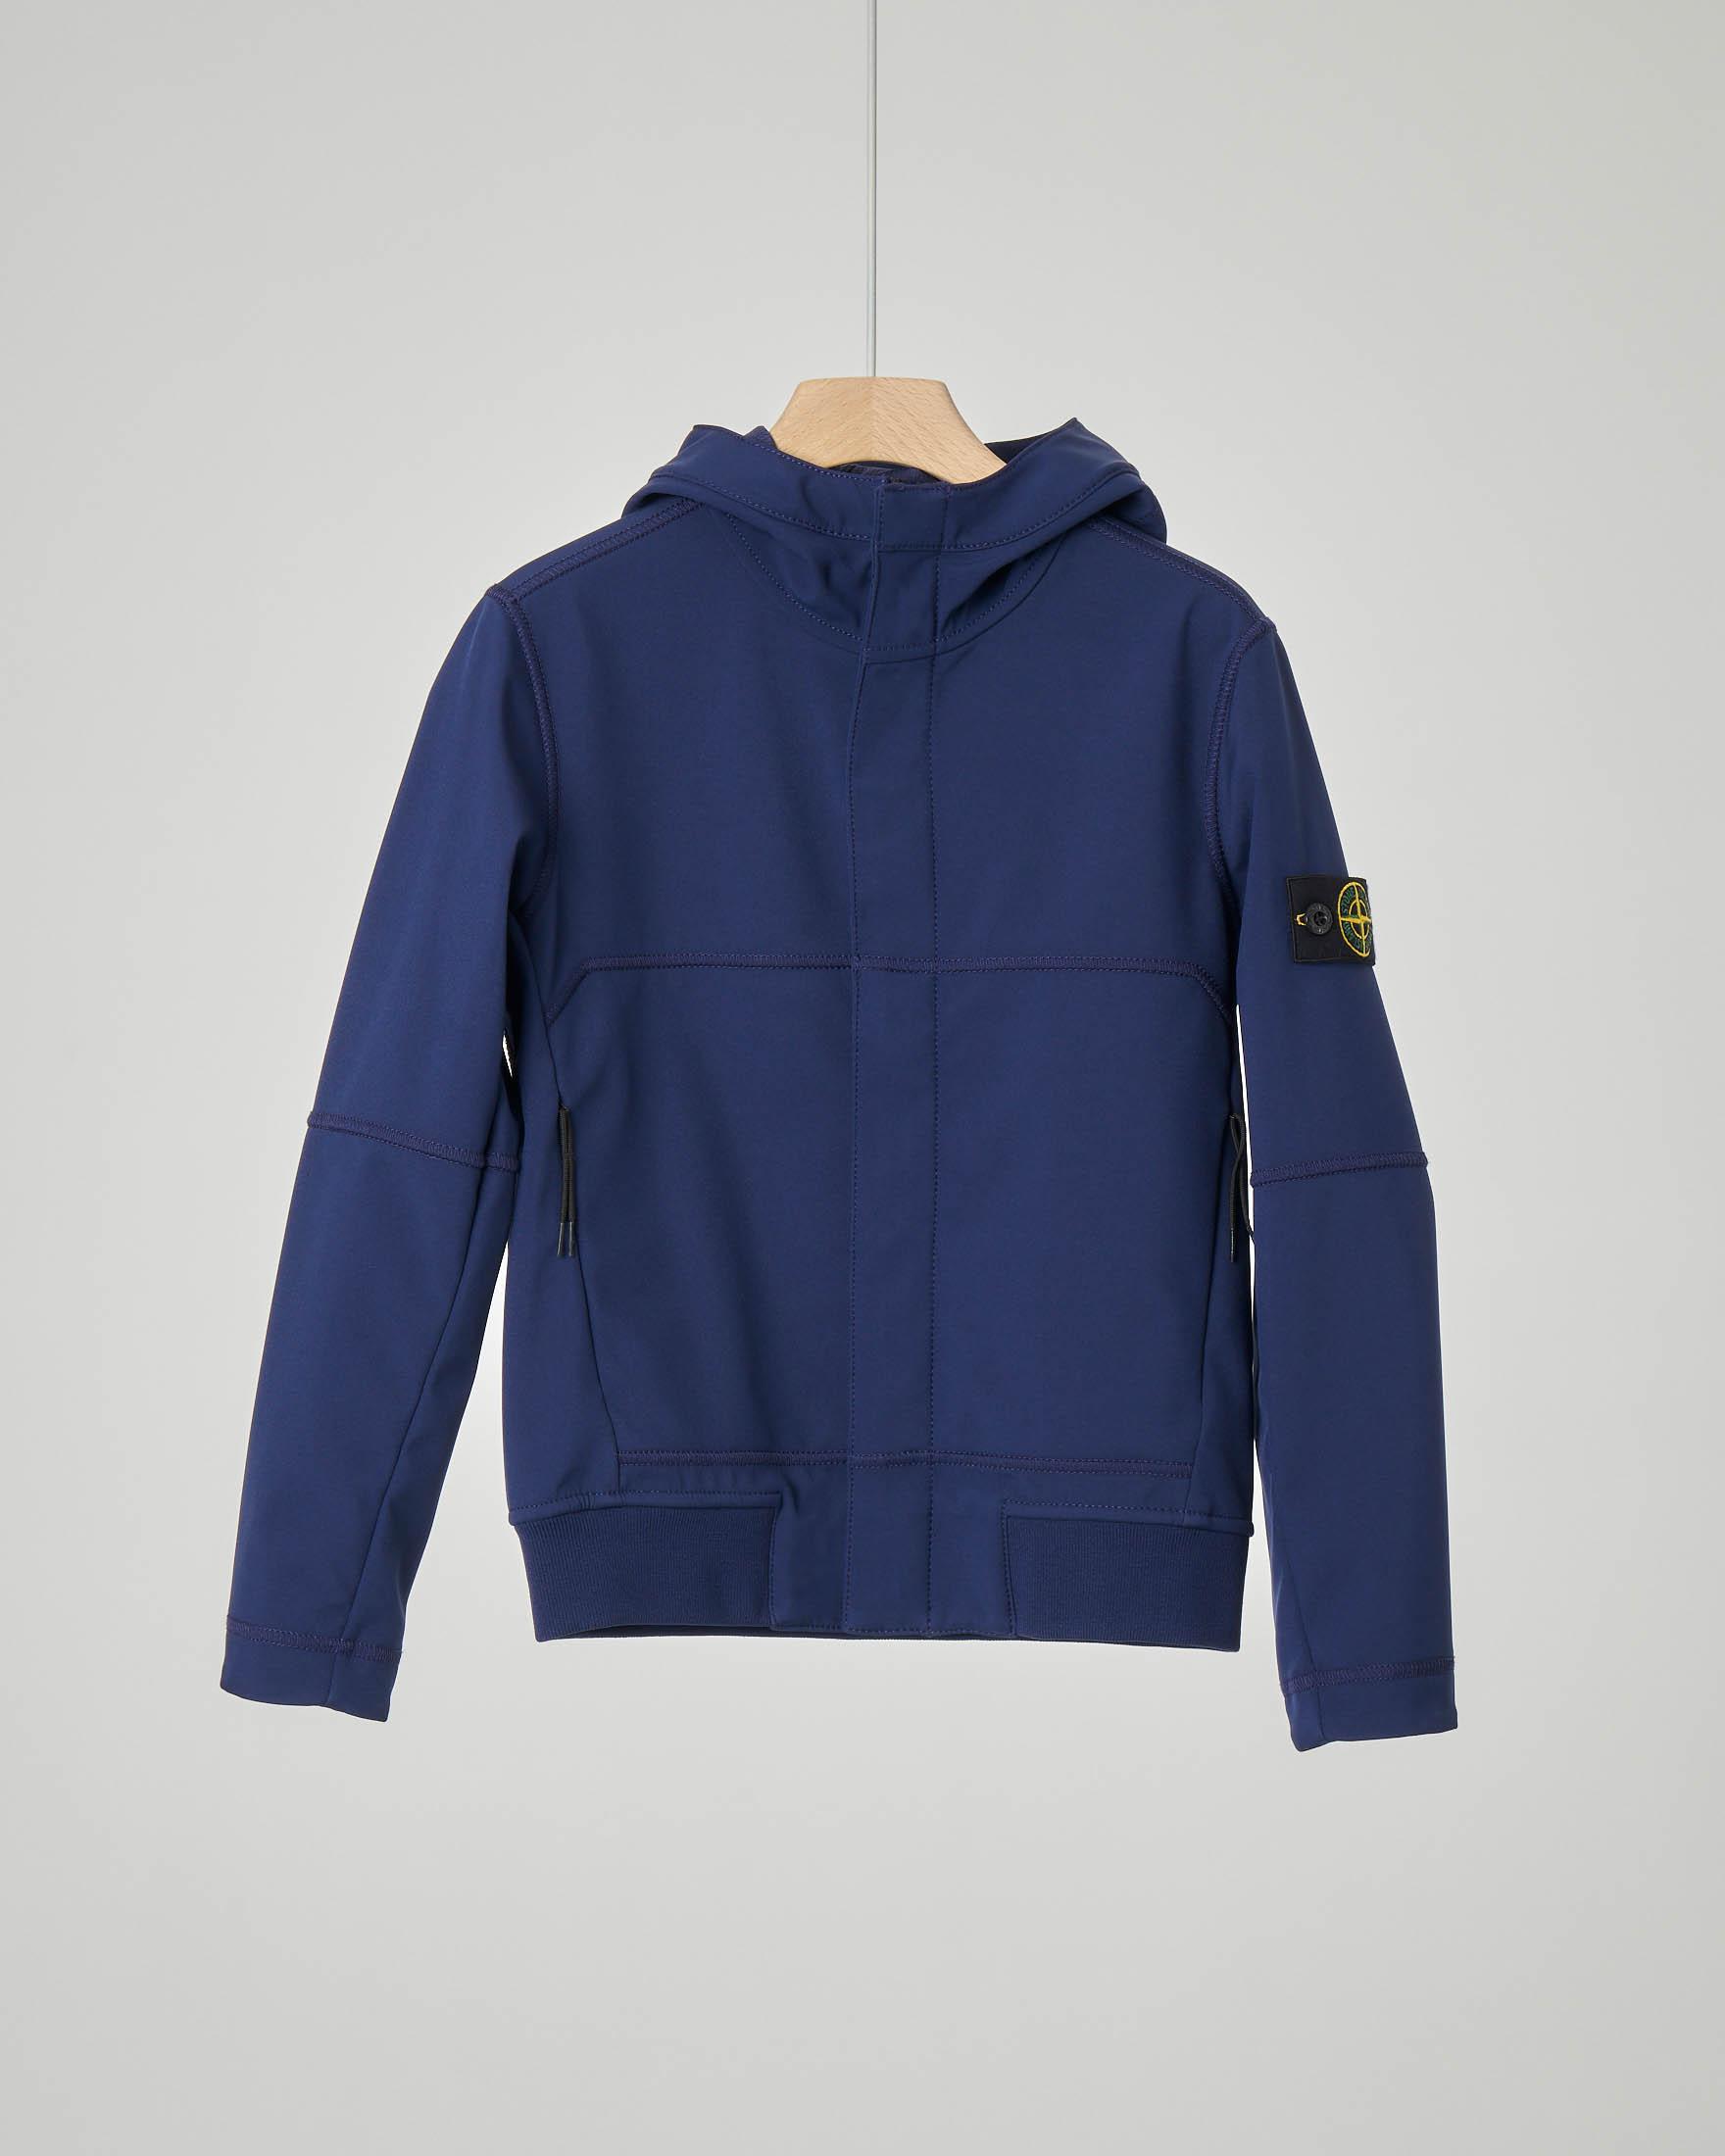 Giacca blu in Soft Shell con cappuccio 8 anni